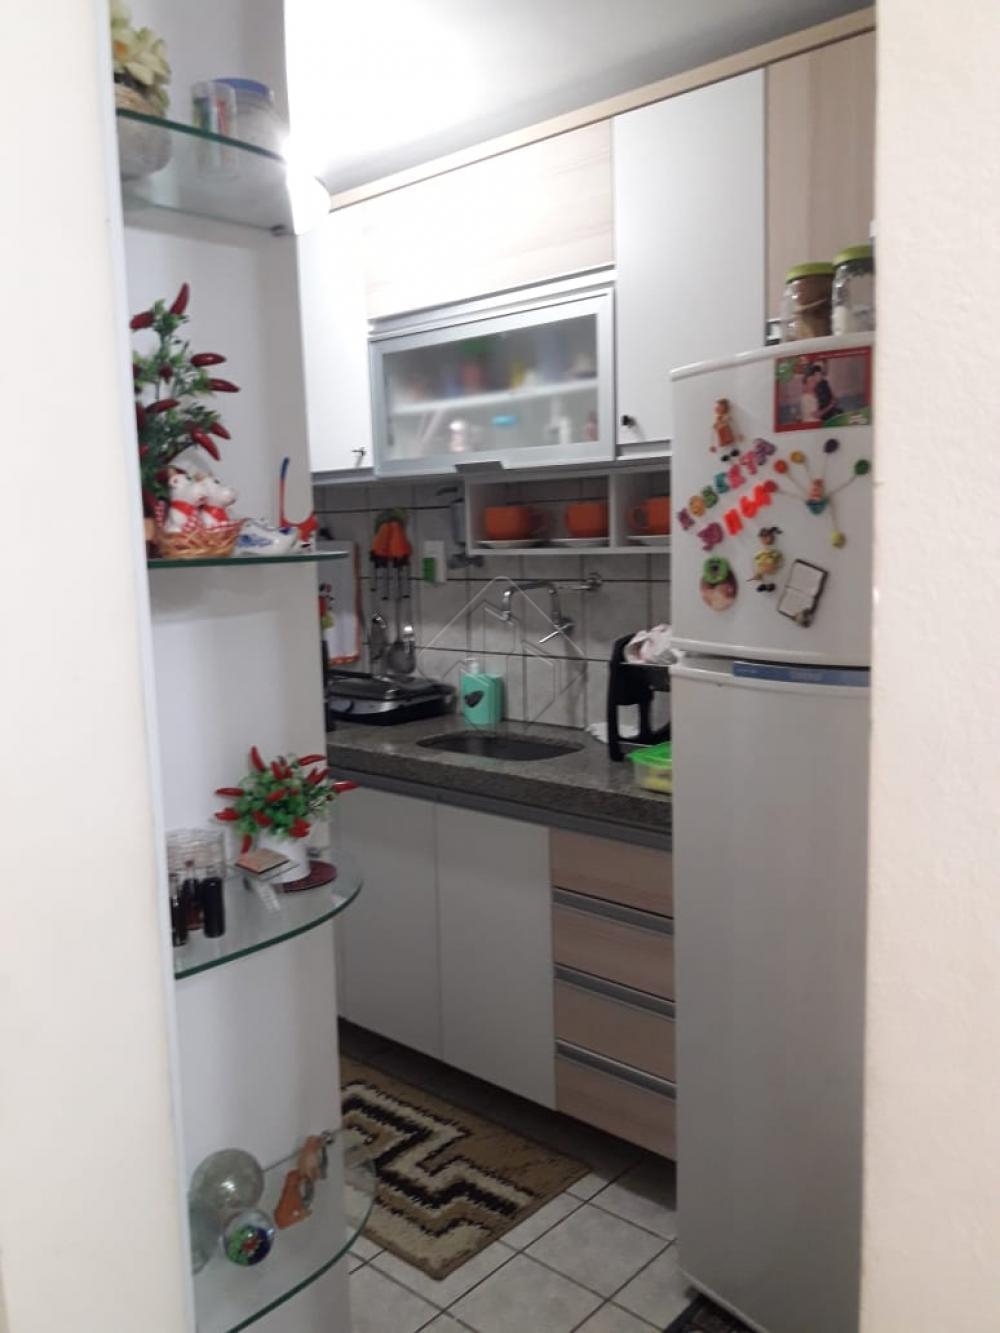 Comprar Apartamento / Padrão em João Pessoa apenas R$ 195.000,00 - Foto 10